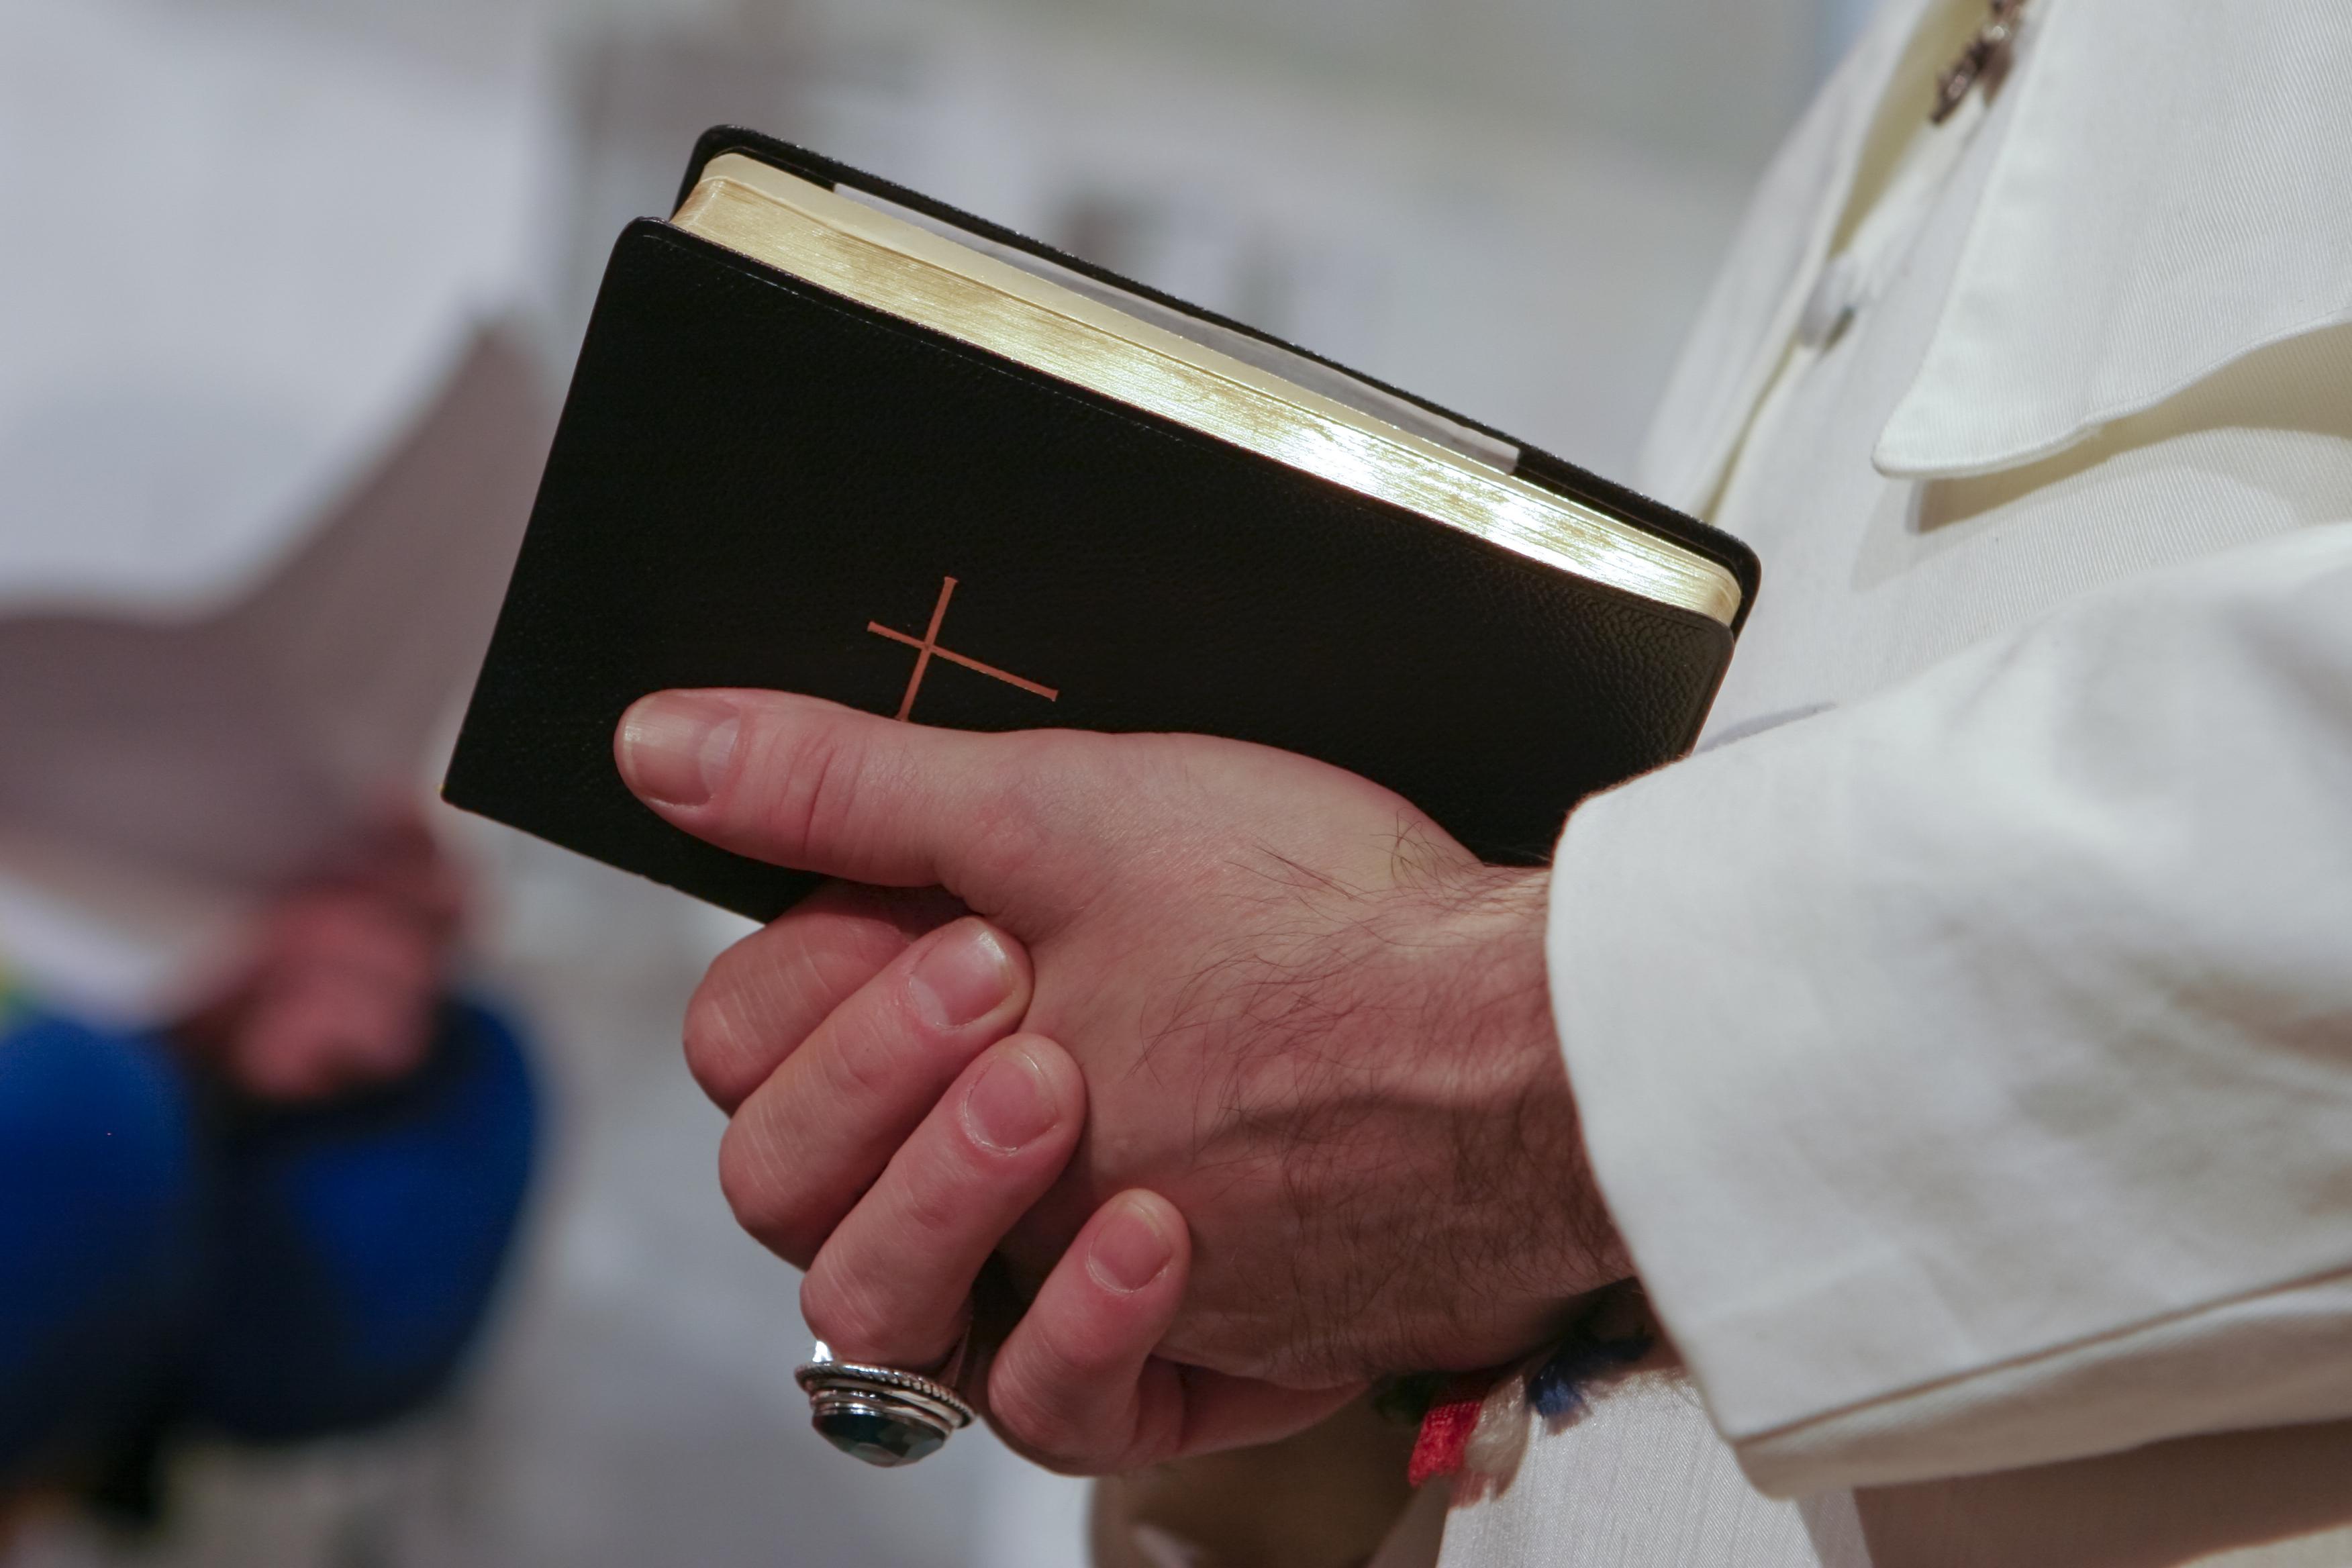 Православната църква няма еквивалент на папата<br /> В Православната църква най-висш е патриархът, а в Католическата – папата. Разликата между двамата архиепископи е, че папата има не само институционно върховенство над всички католически църкви по света, но и до голяма степен духовно върховенство.<br />